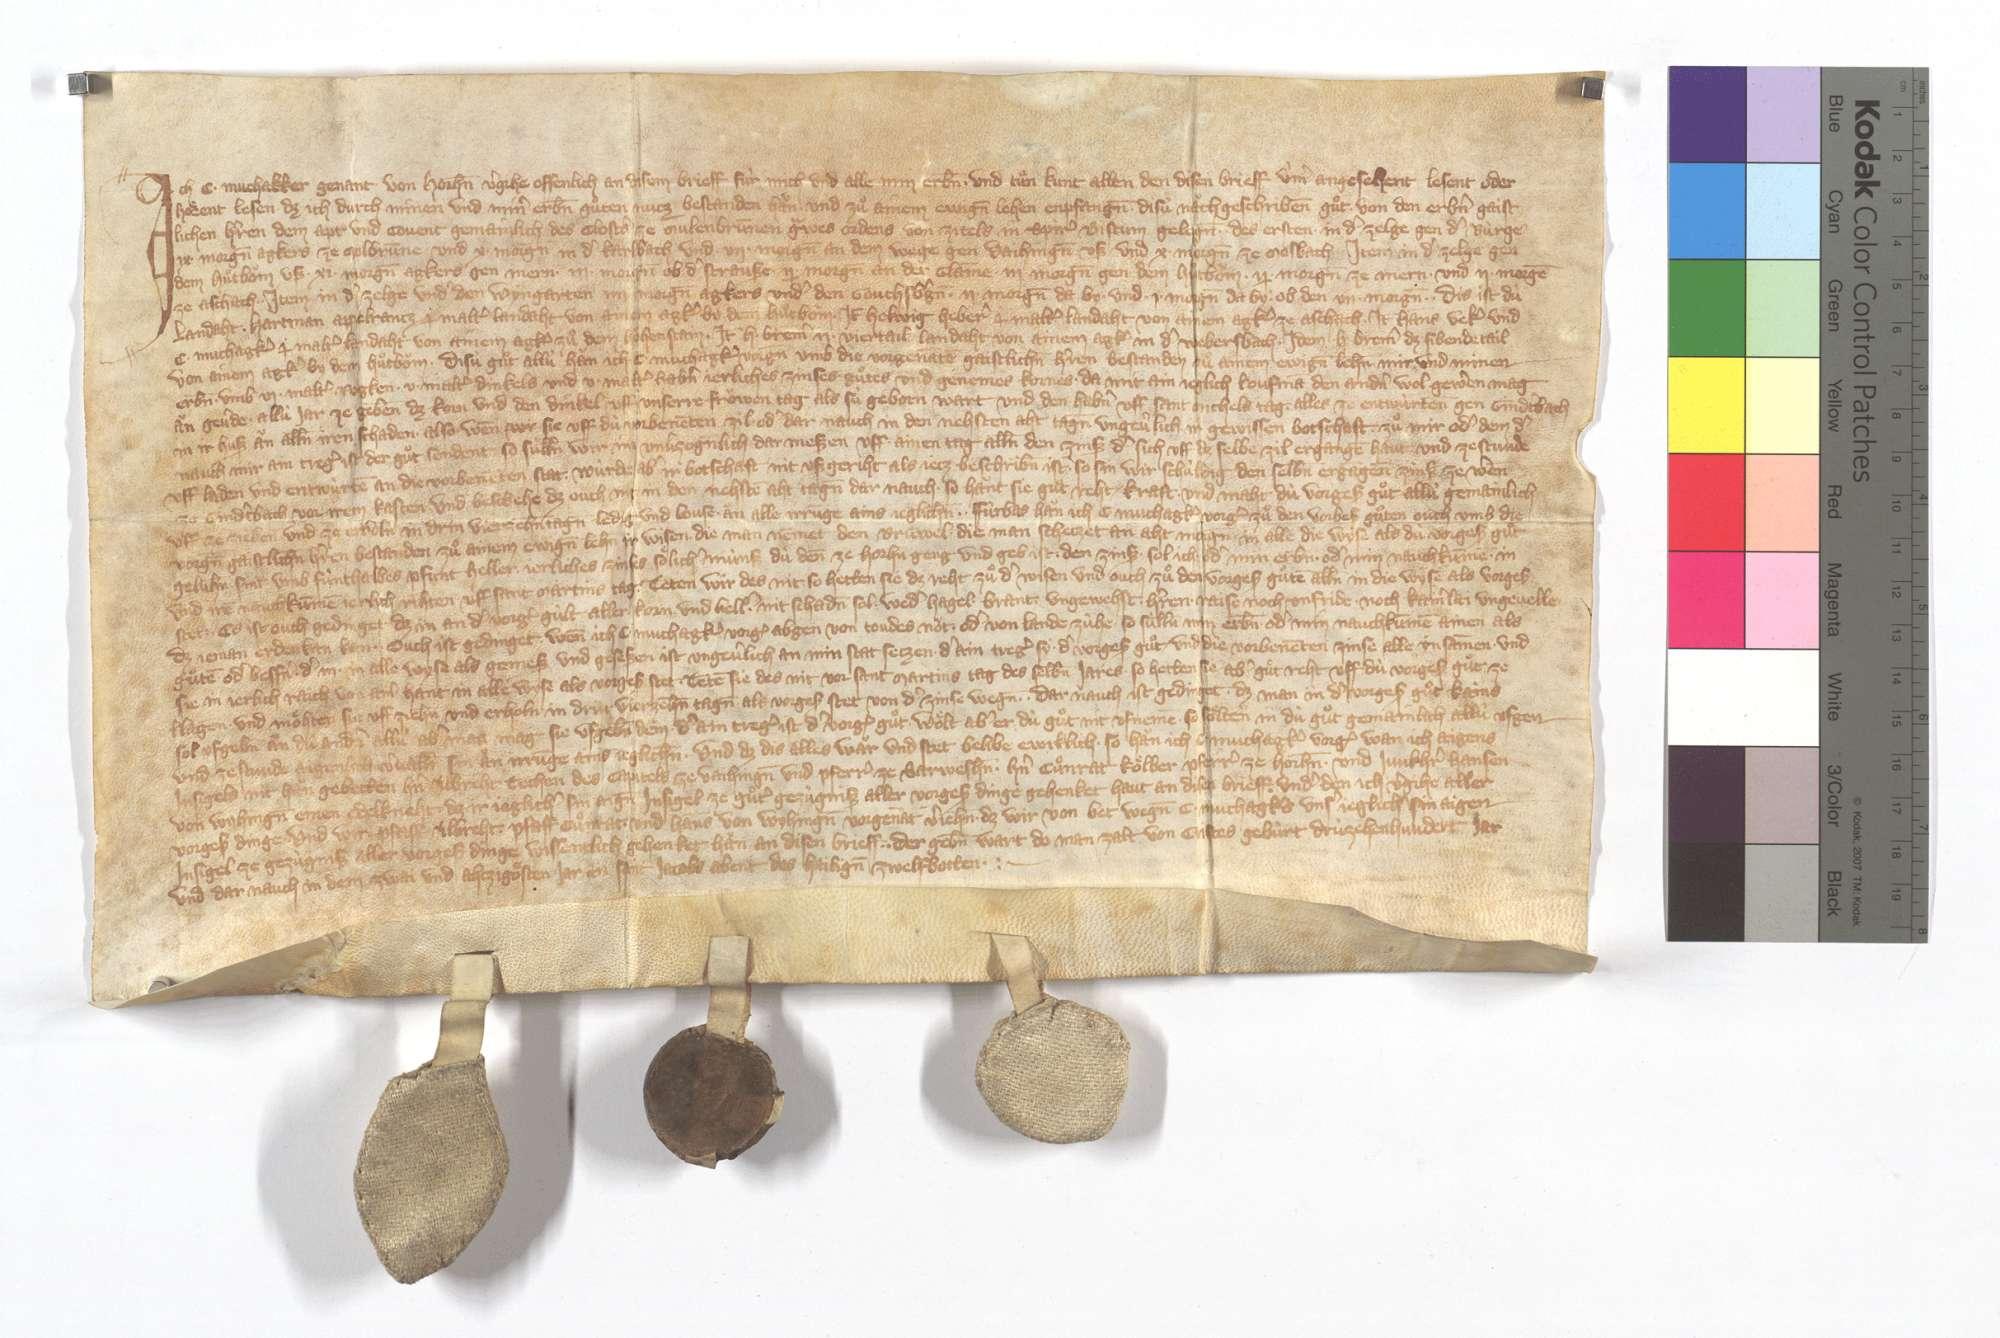 Revers Conrad Muchakkers von Horrheim um etliche Güter zu Gündelbach, aus denen er dem Kloster jährlich 6 Malter Roggen, 5 Malter Dinkel und 5 Malter Hafer (Habern) sowie 4 1/2 Pfund Heller Zins zu geben hat., Text